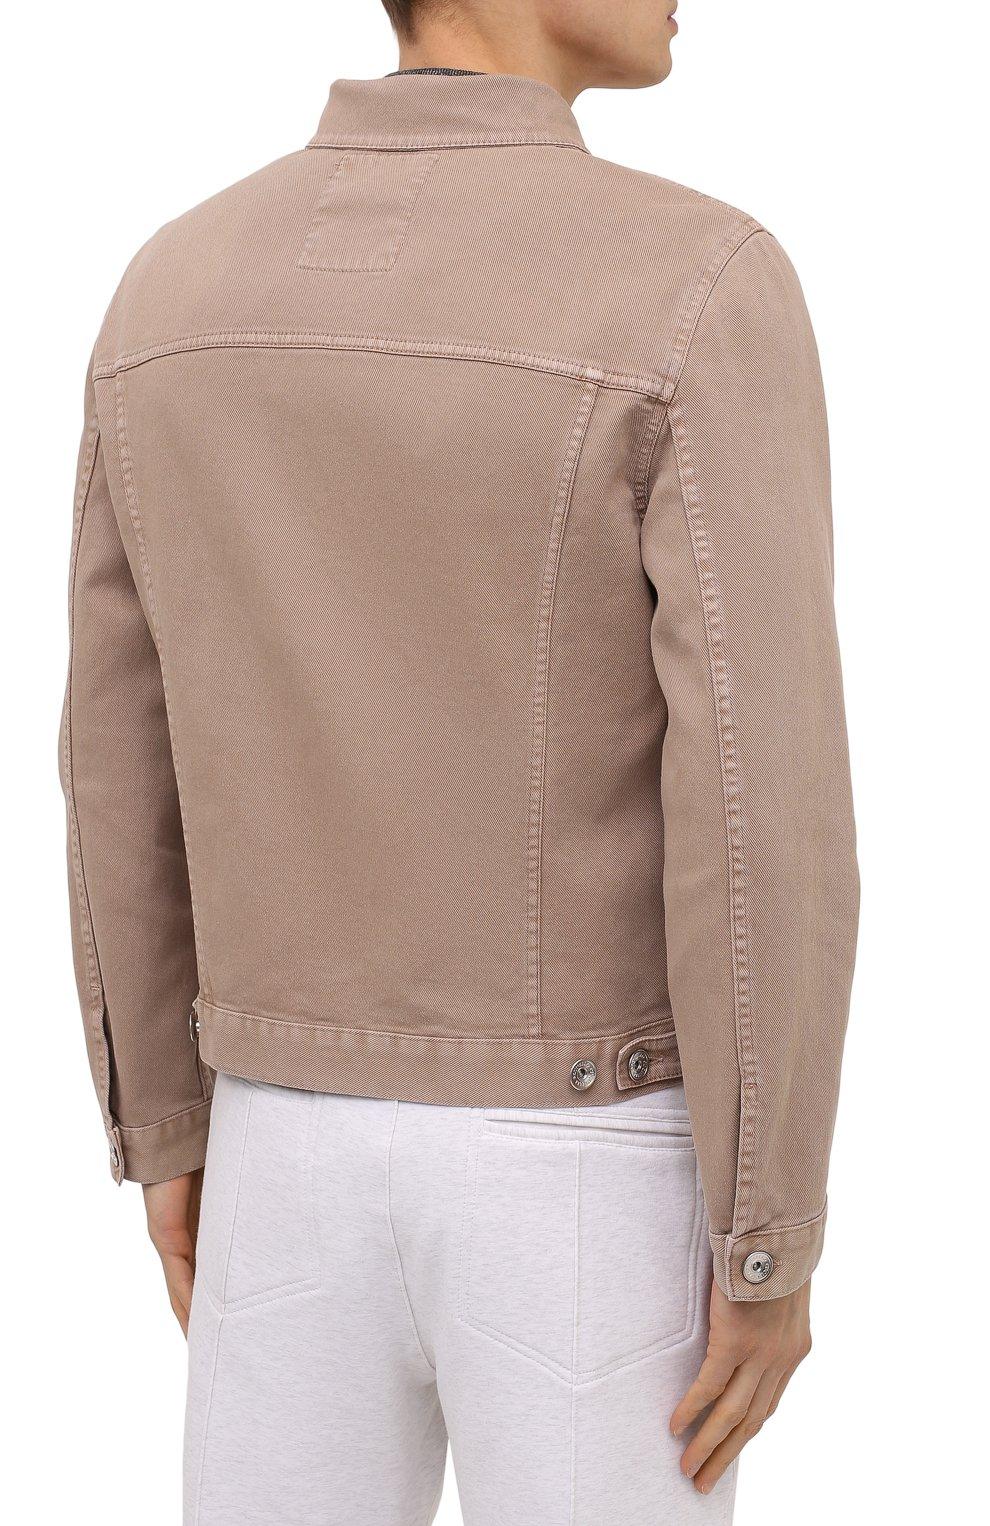 Мужская джинсовая куртка BRUNELLO CUCINELLI бежевого цвета, арт. M277P6845 | Фото 4 (Кросс-КТ: Куртка, Деним; Рукава: Длинные; Материал внешний: Хлопок; Длина (верхняя одежда): Короткие; Стили: Кэжуэл)